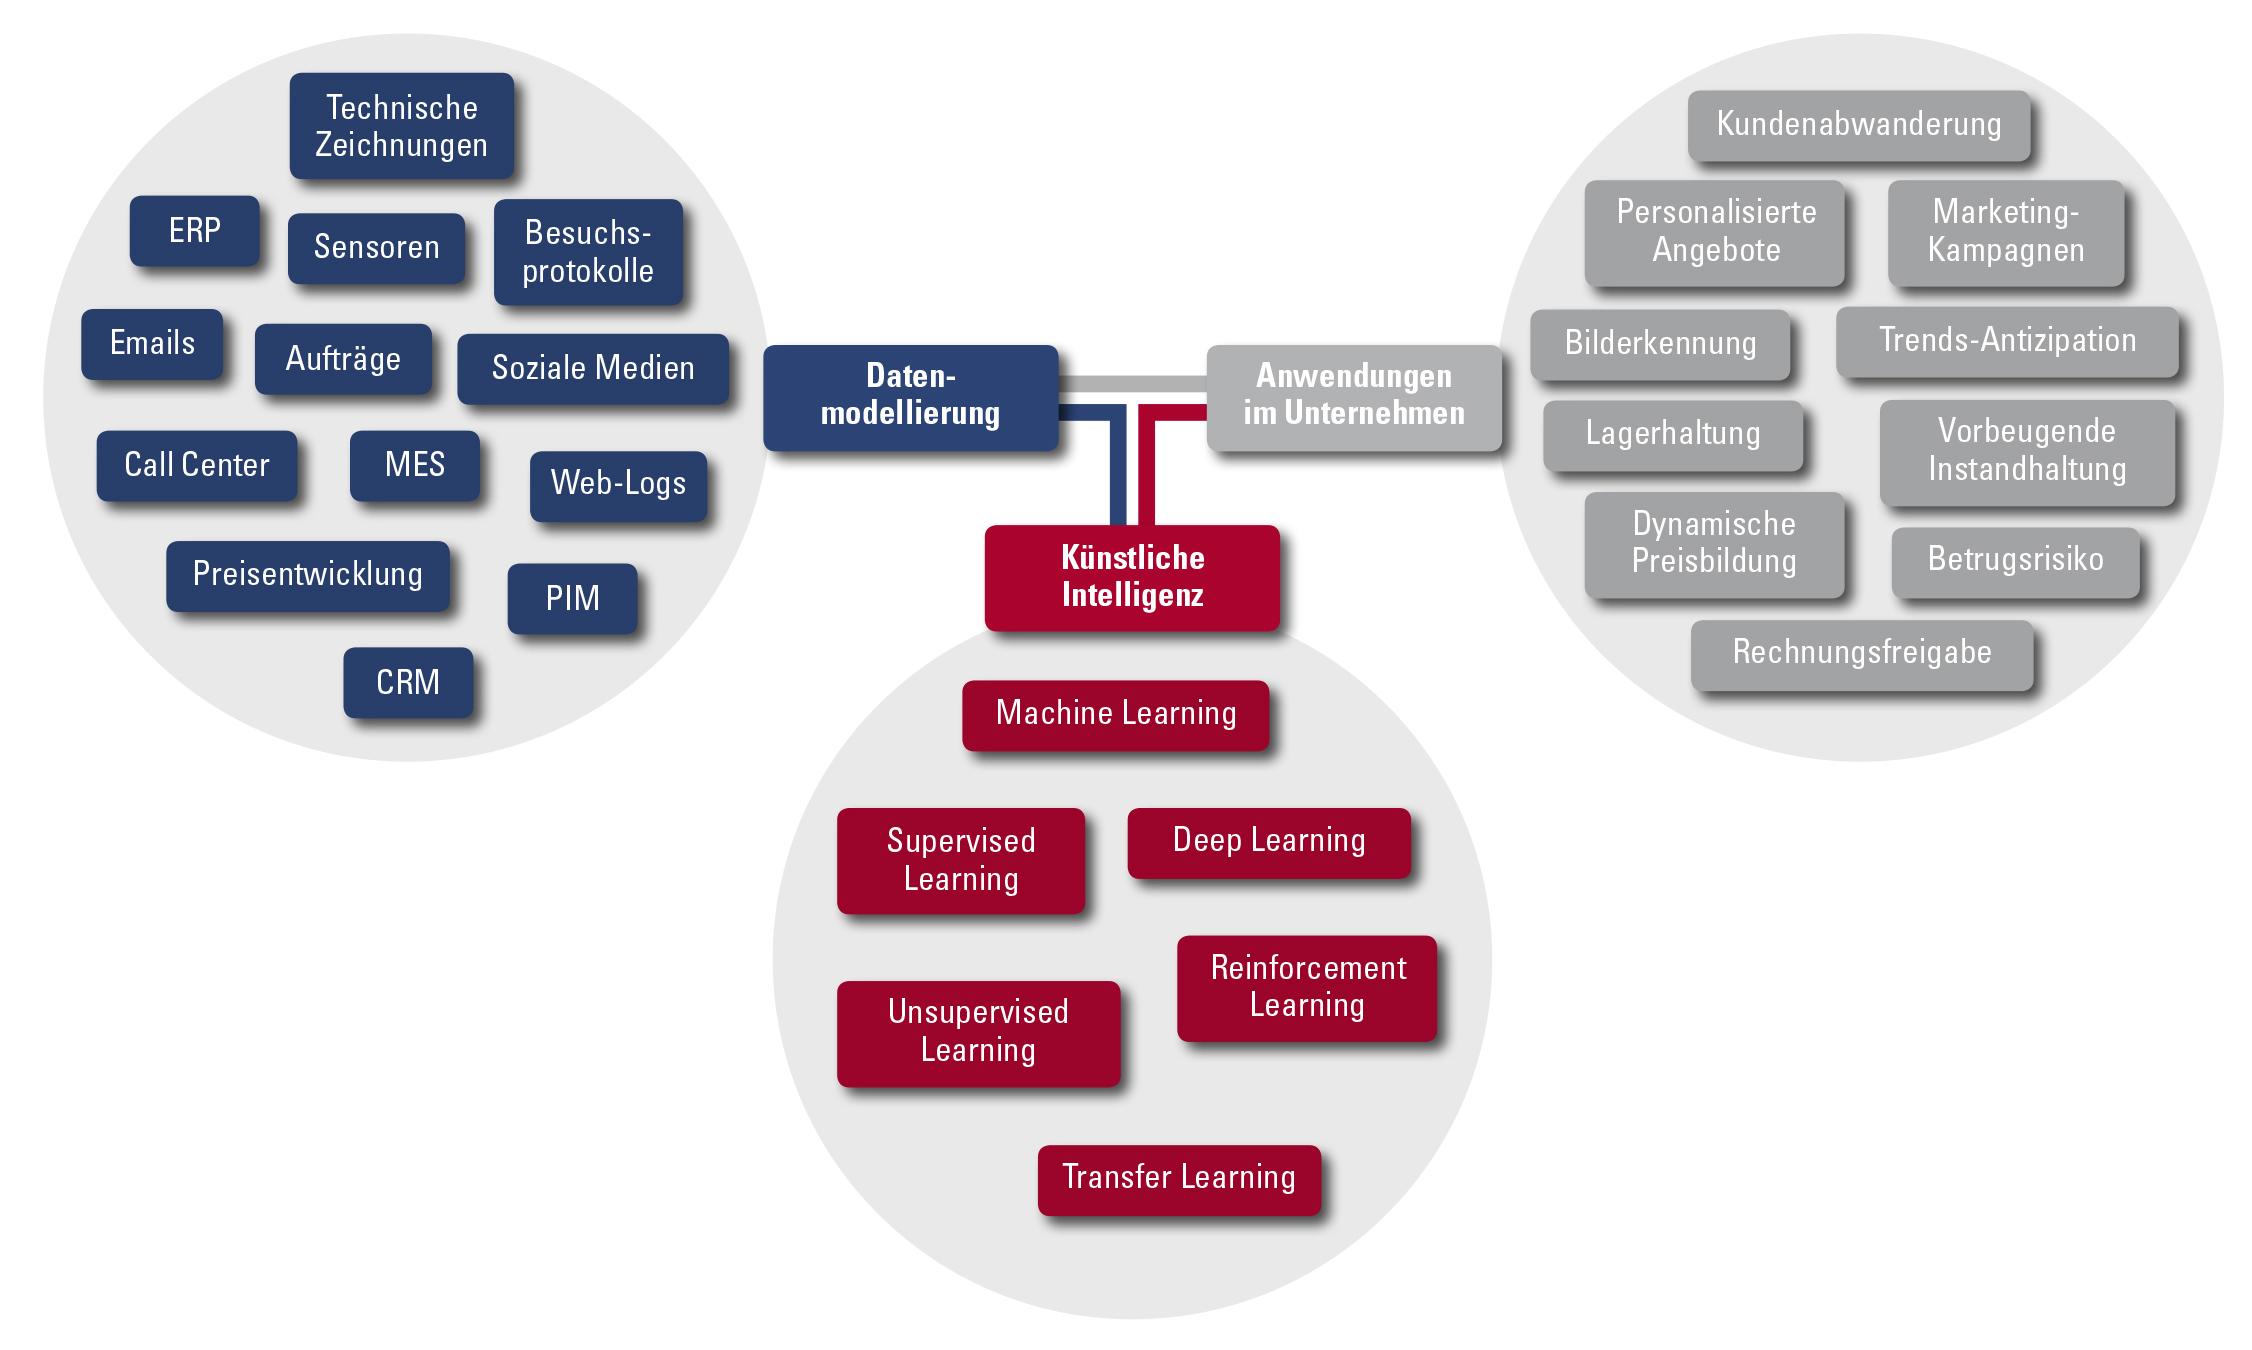 Anwendungsfelder der KI (Bild: Dr. Wieselhuber & Partner GmbH)